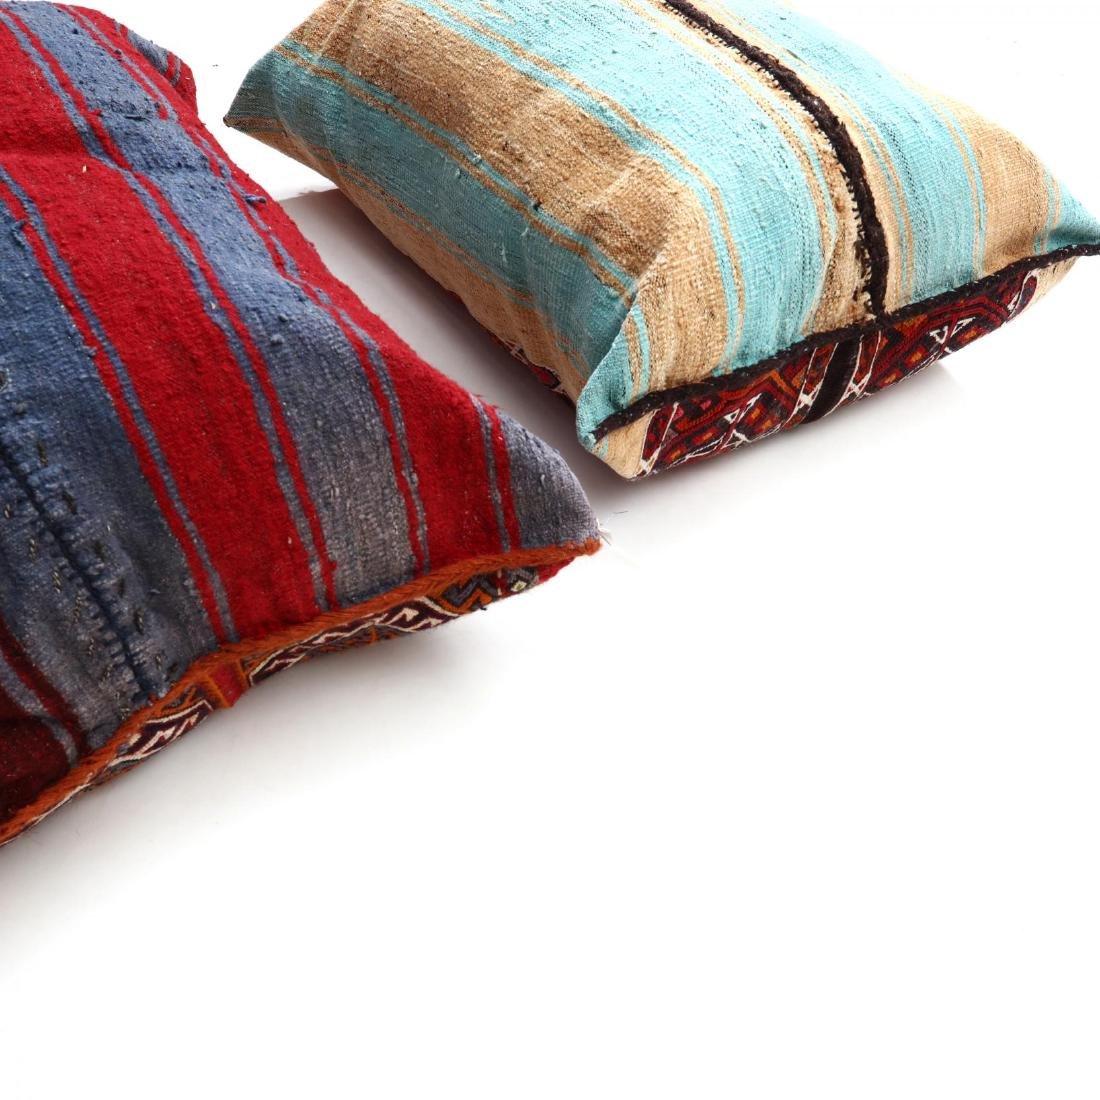 Two Oversized Kurdish Weave Floor Pillows - 3